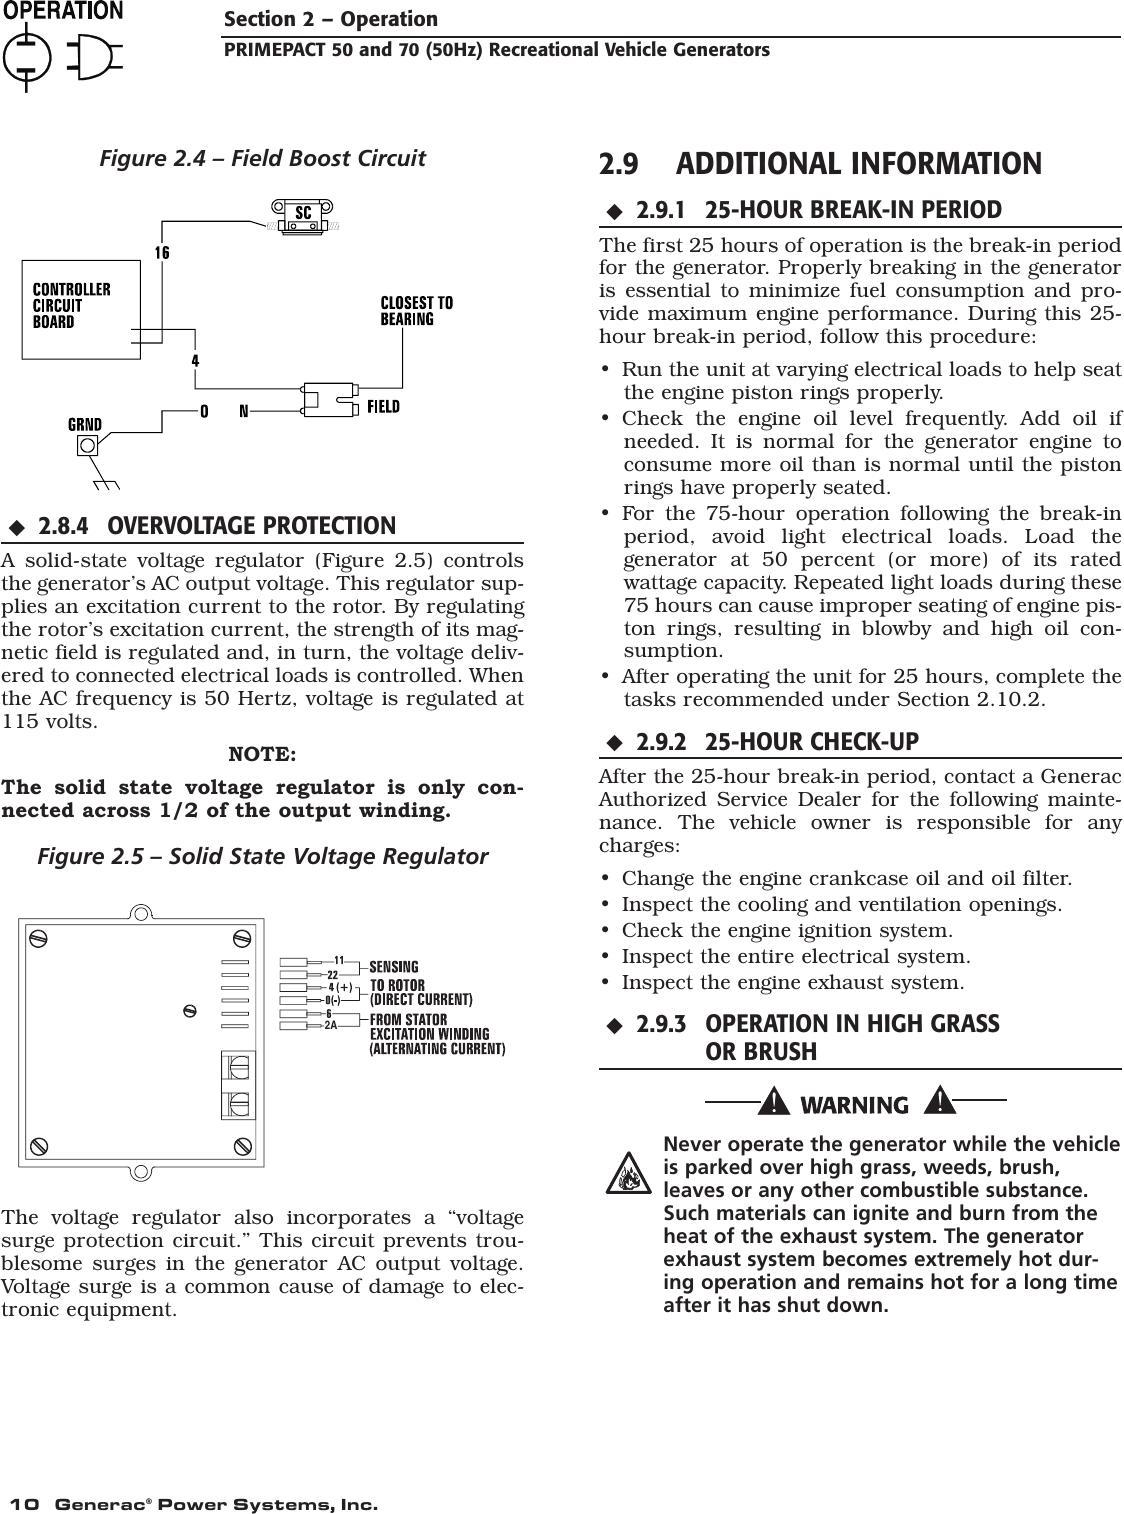 Generac 00784 2 09290 4 Owners Manual Primepact 50 & 70 RV